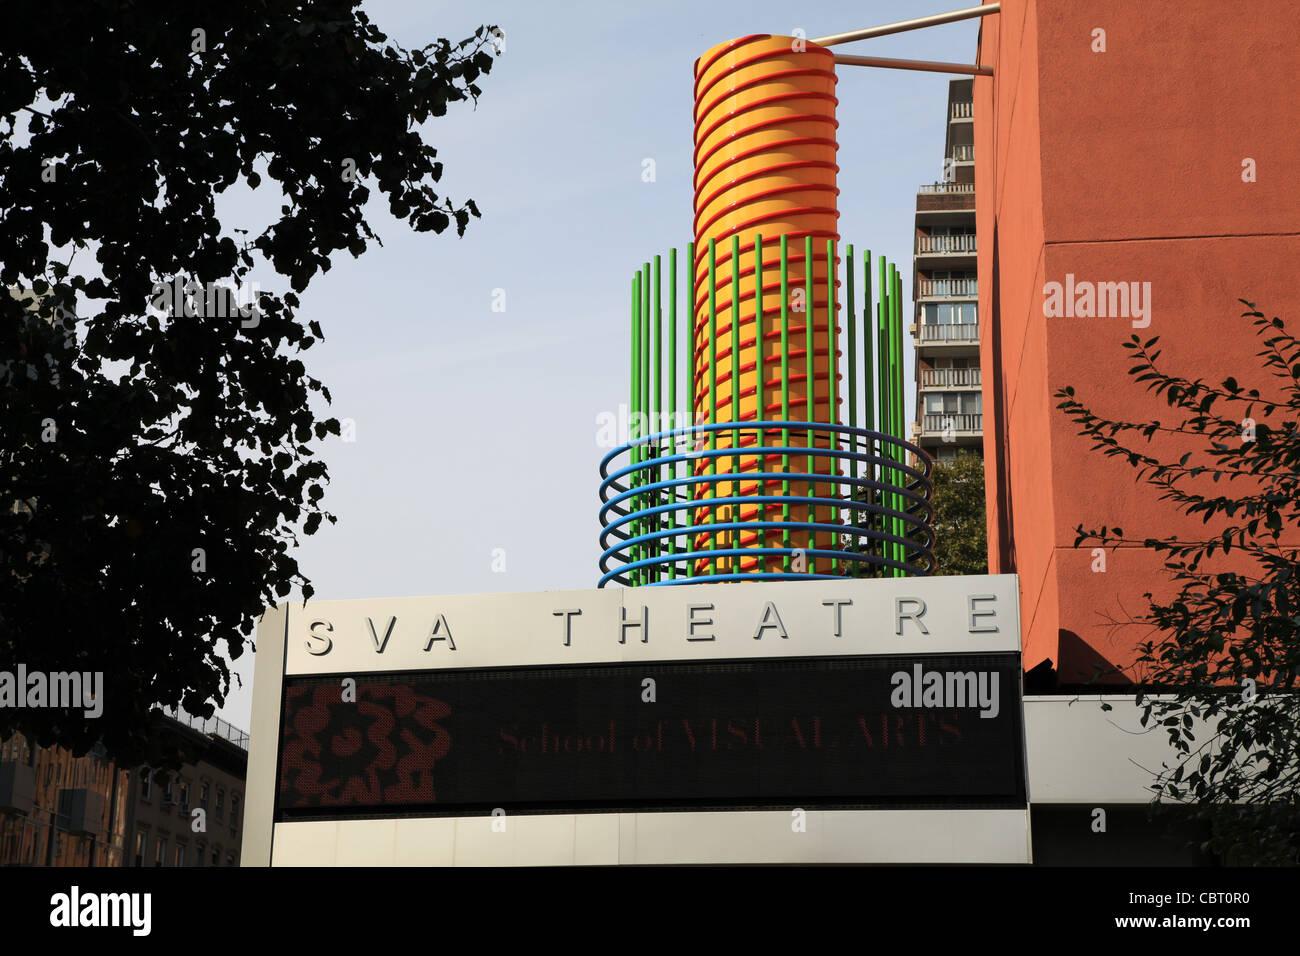 SVA Theater in New York City Stockbild